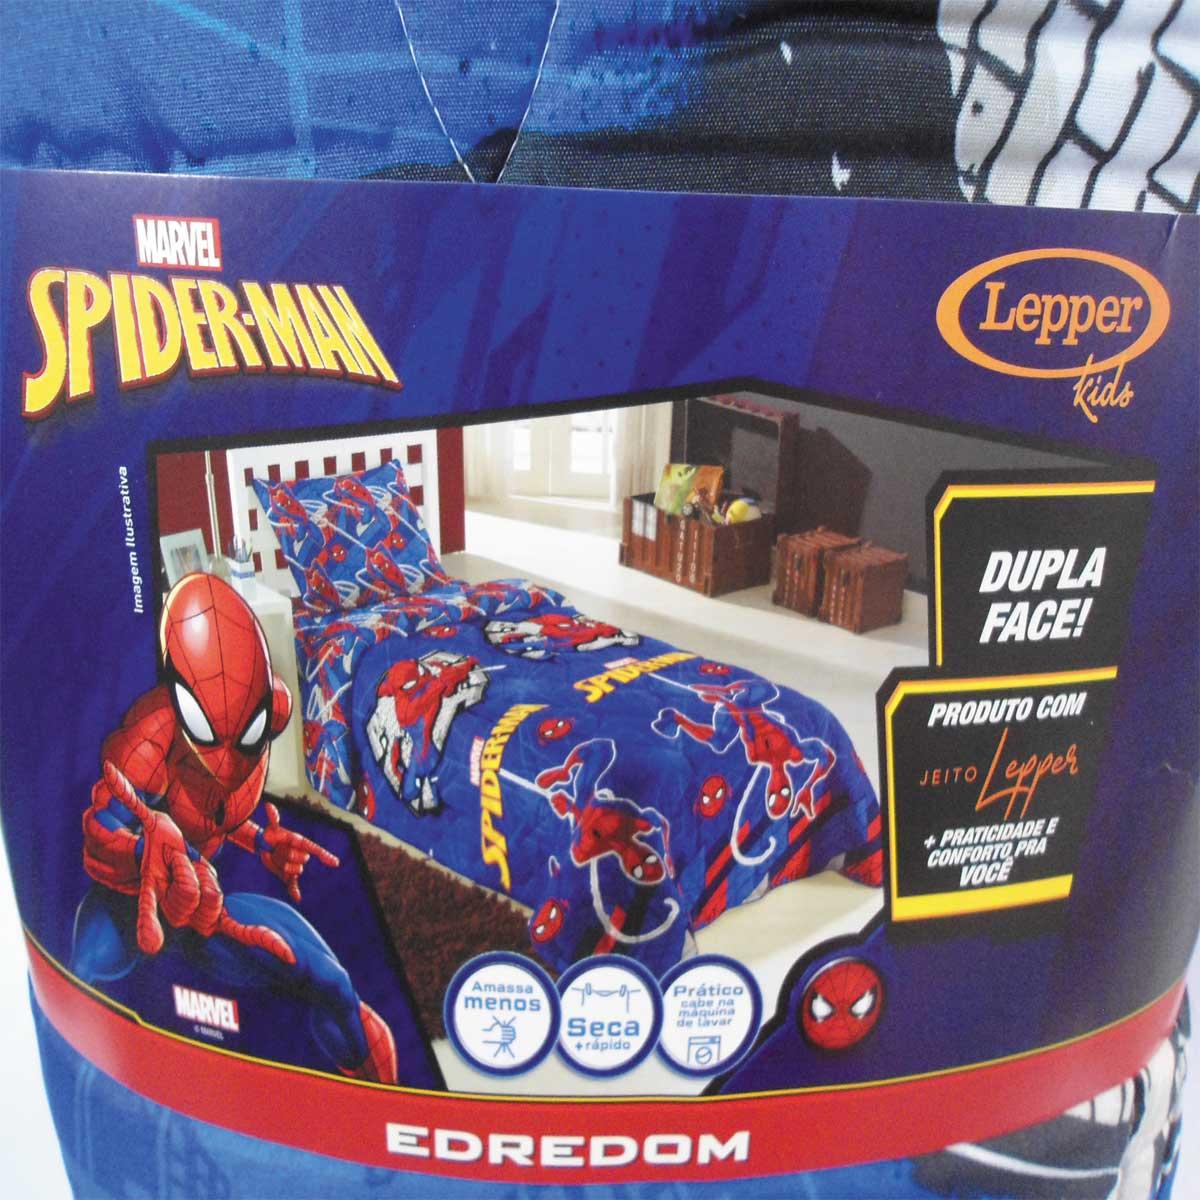 Kit Infantil Homem Aranha Spider Man Edredom + Cortina Lepper